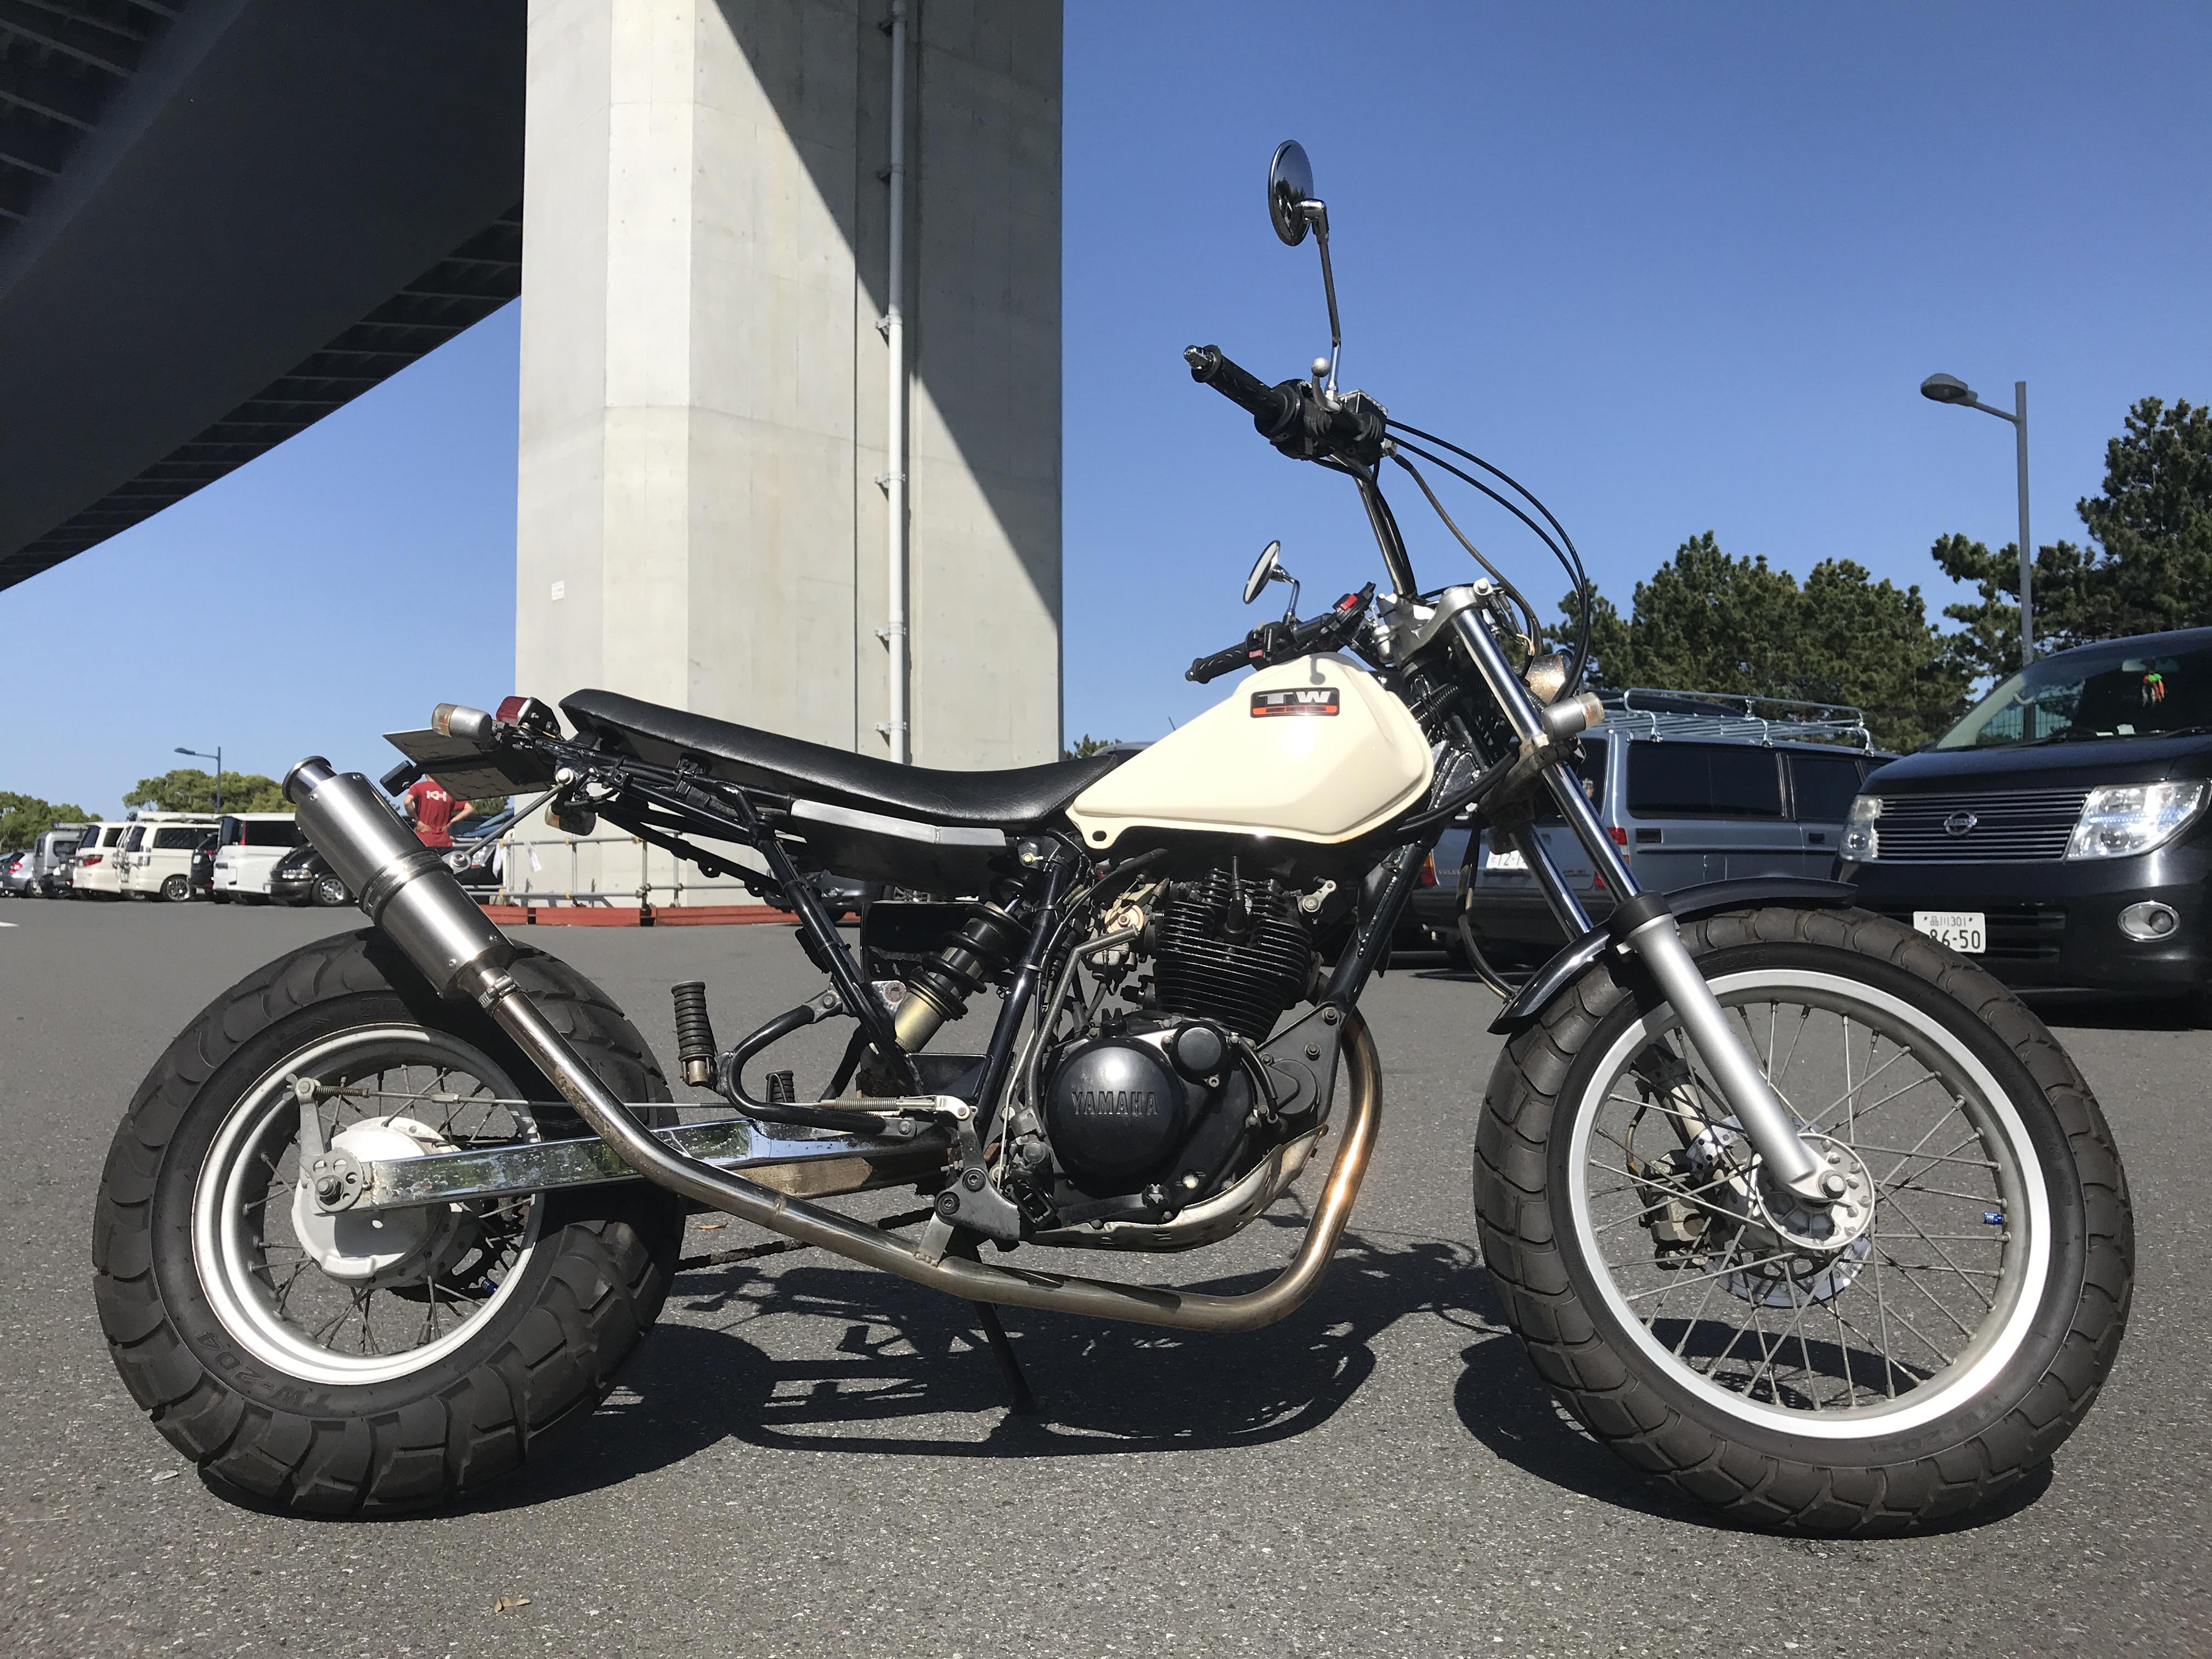 TW225カスタム (HN-00) - 【公式】レンタルバイクのベストBike® 錦糸町駅前